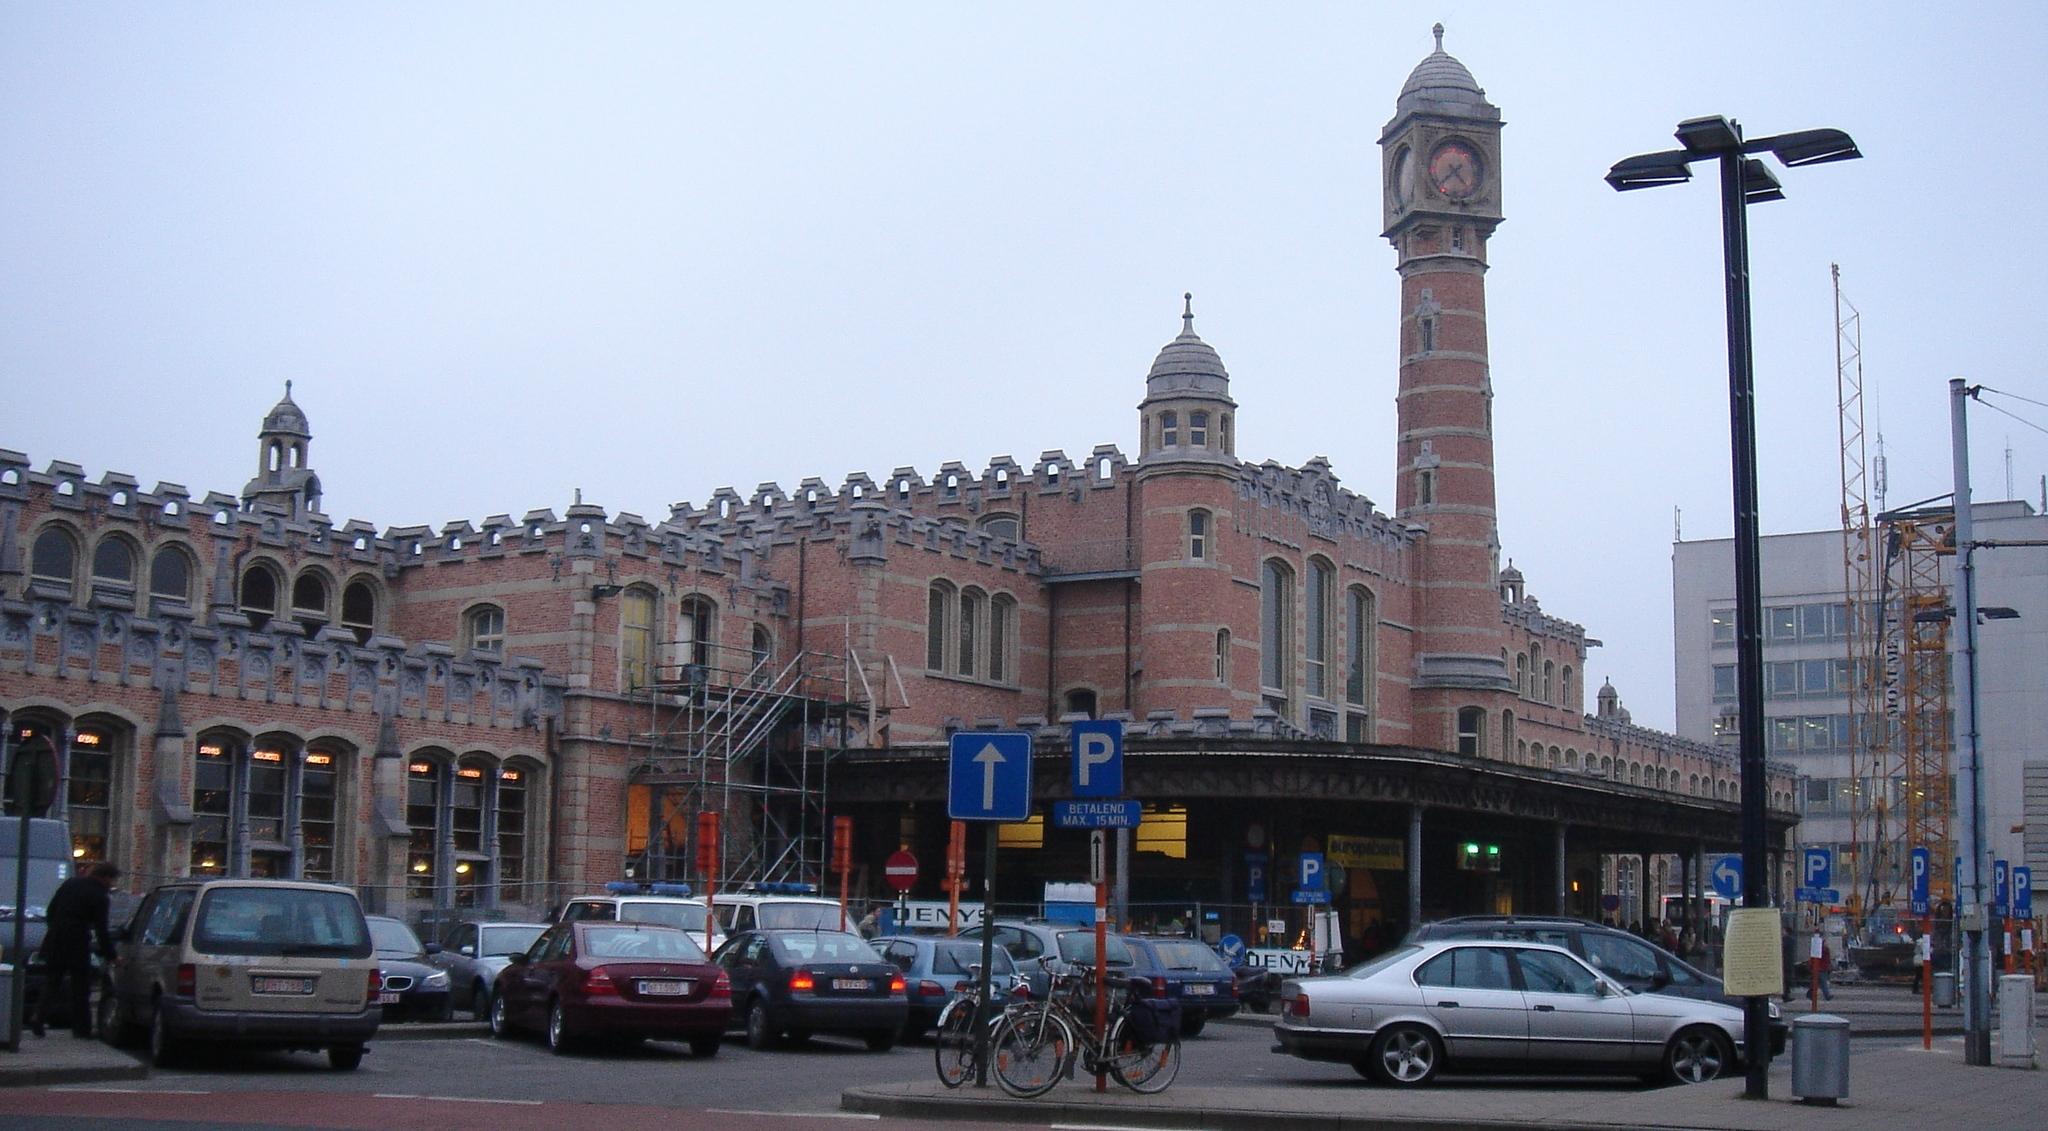 Estação Gent Sint Pieters